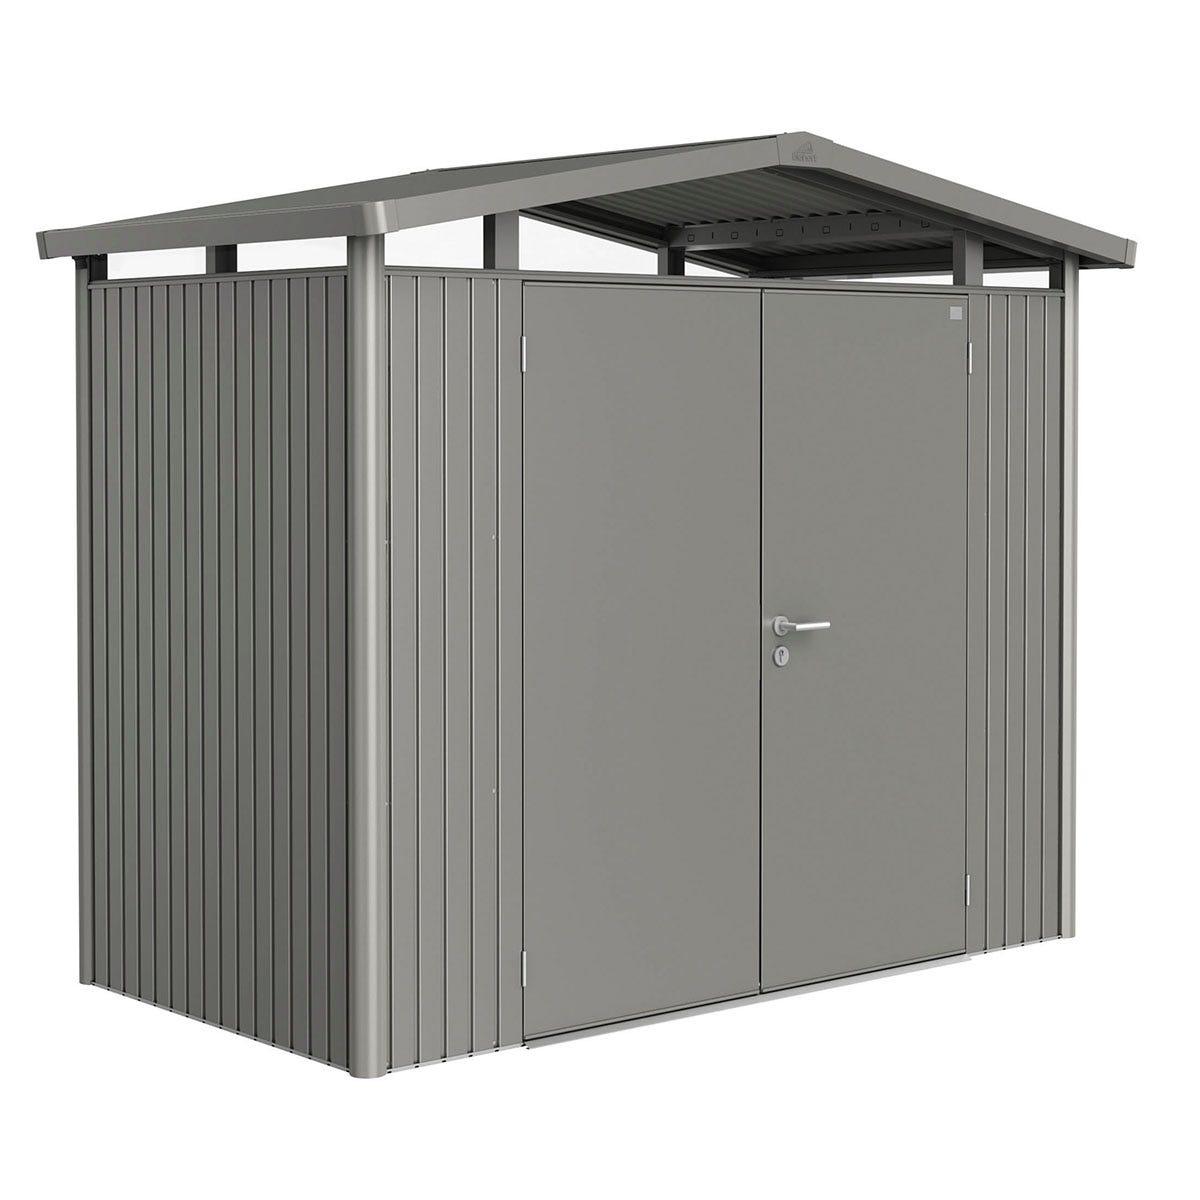 Biohort Panorama Metal Shed P1 Double Door 9' x 5' - Quartz Grey